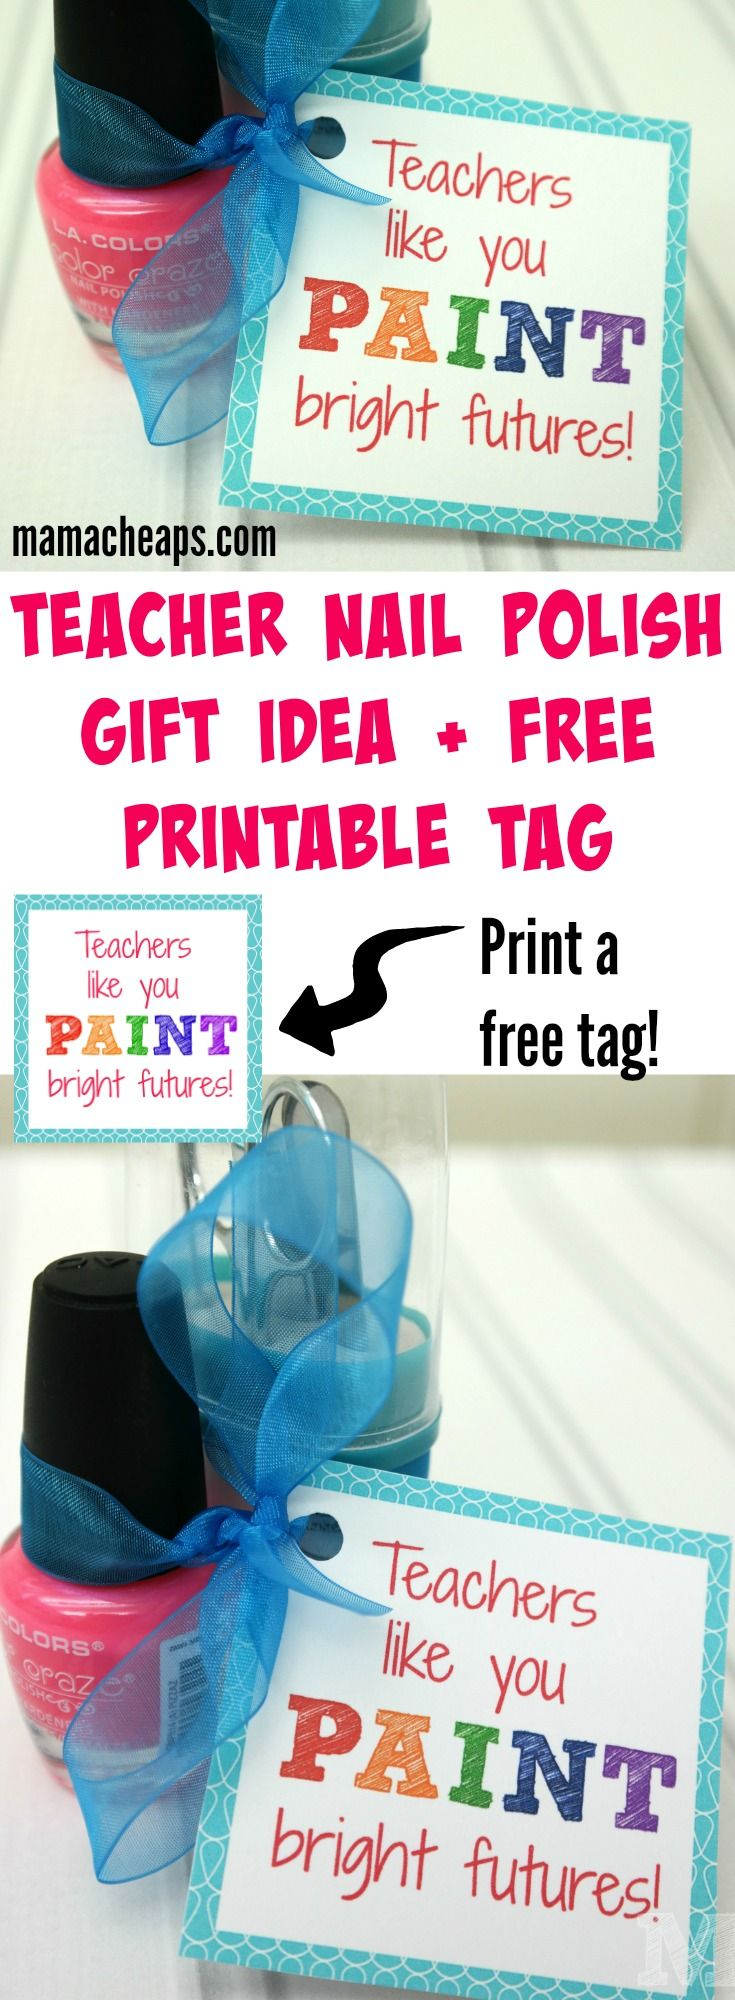 Teacher Nail Polish Gift Idea + FREE Printable Tag